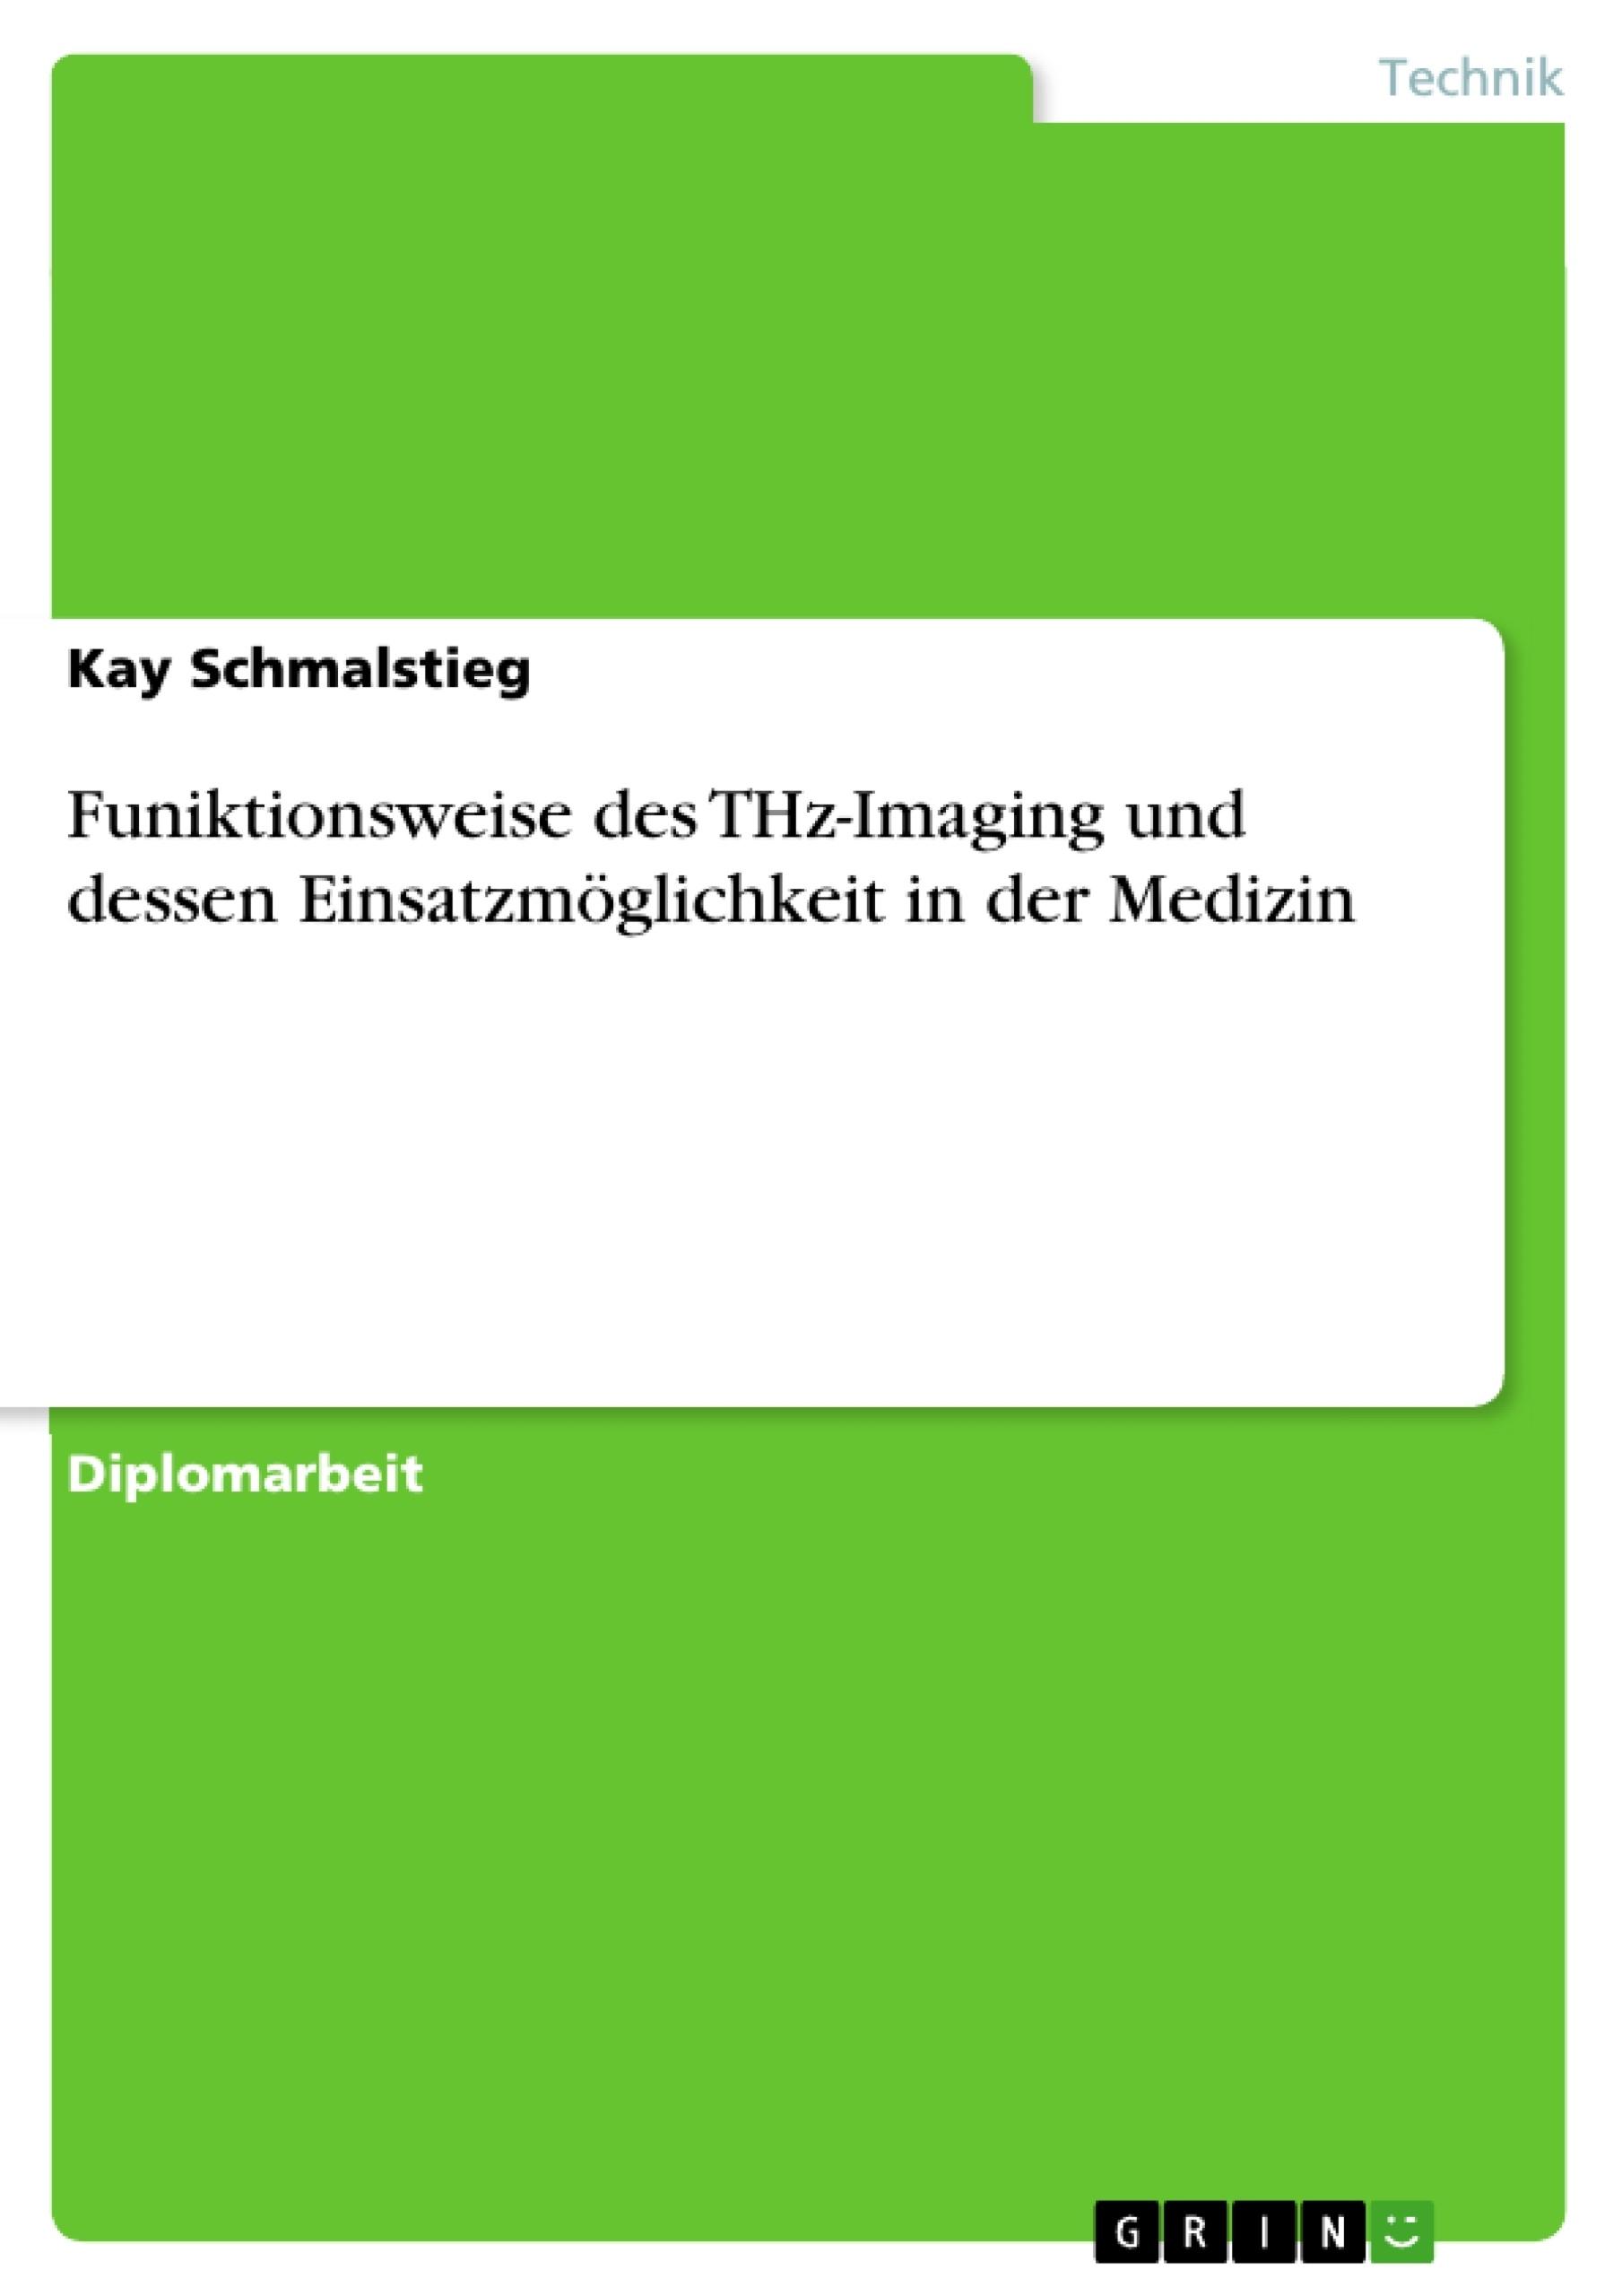 Titel: Funiktionsweise des THz-Imaging und dessen Einsatzmöglichkeit in der Medizin